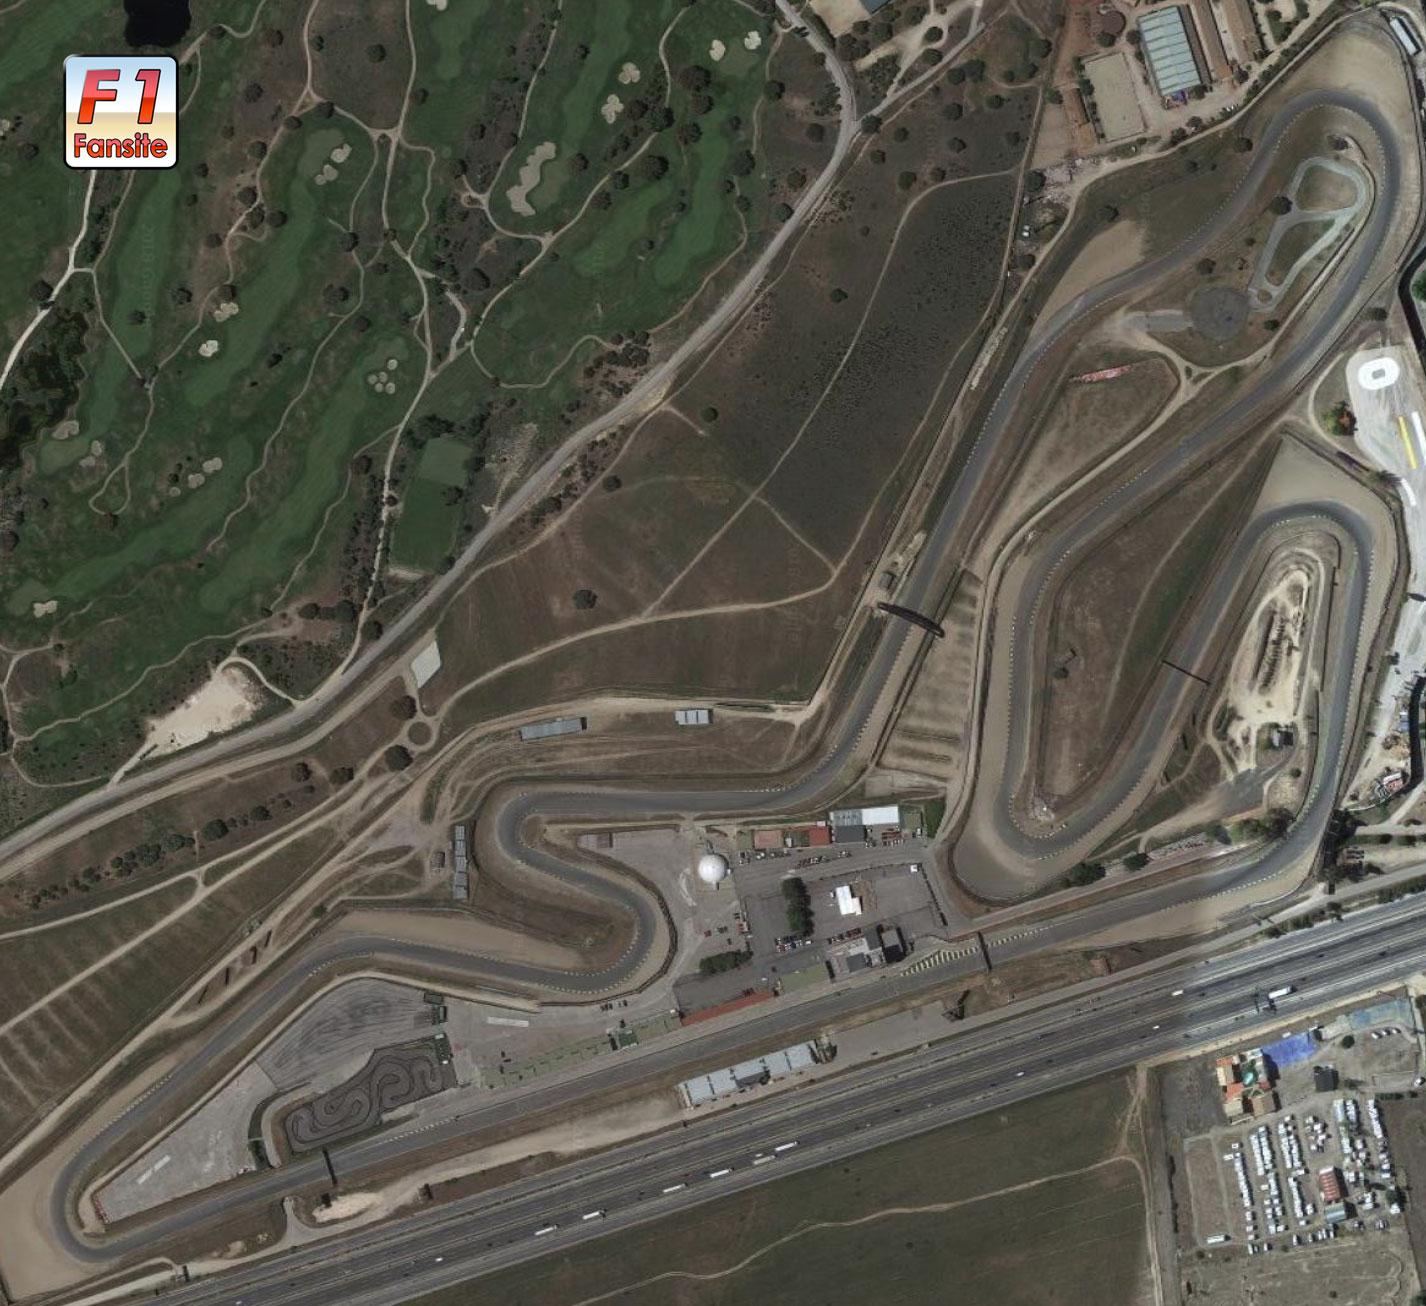 Circuito del Jarama layout